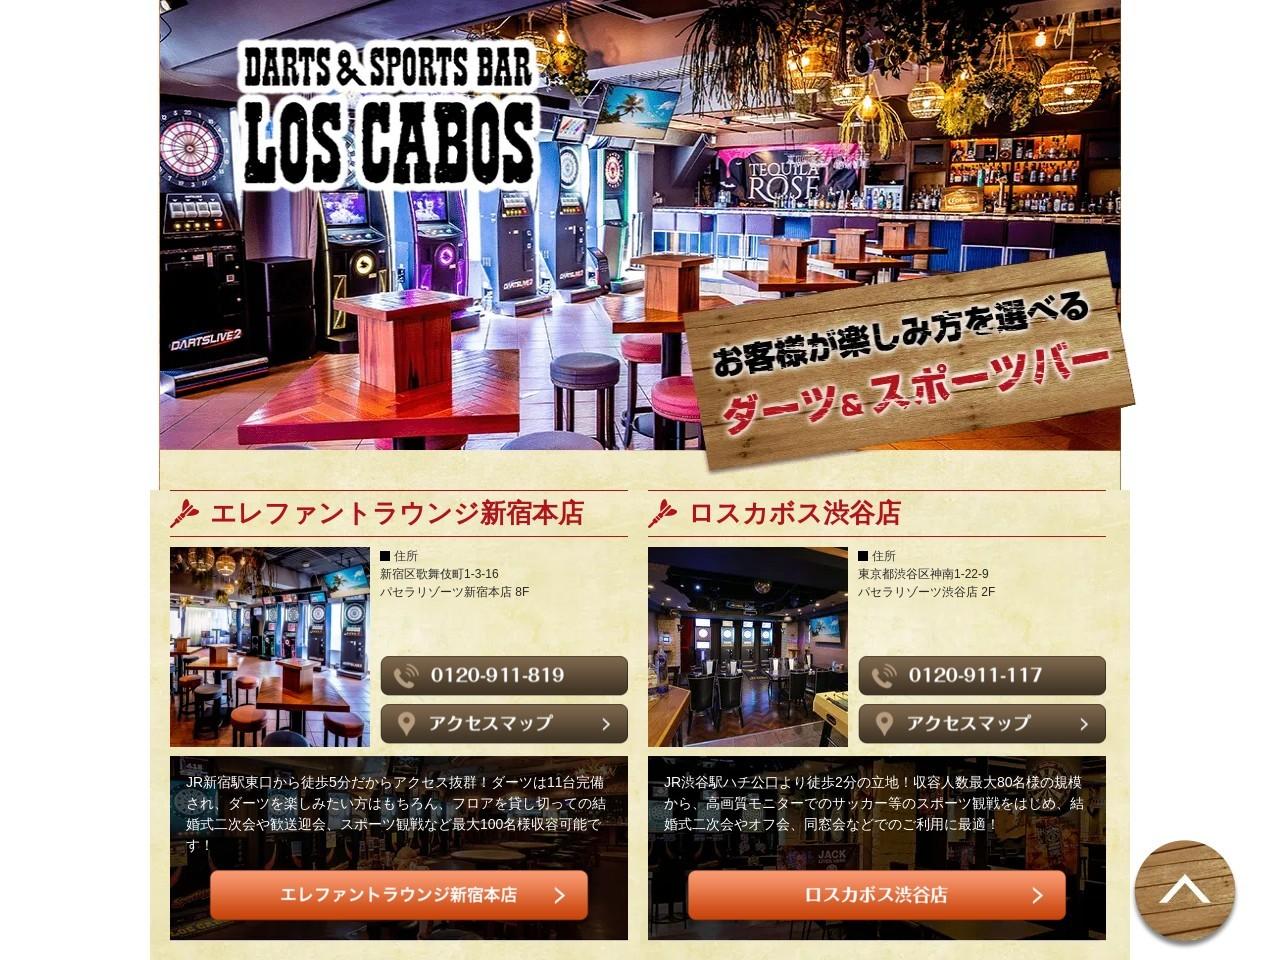 ロスカボスサンホセデルカボ新宿店